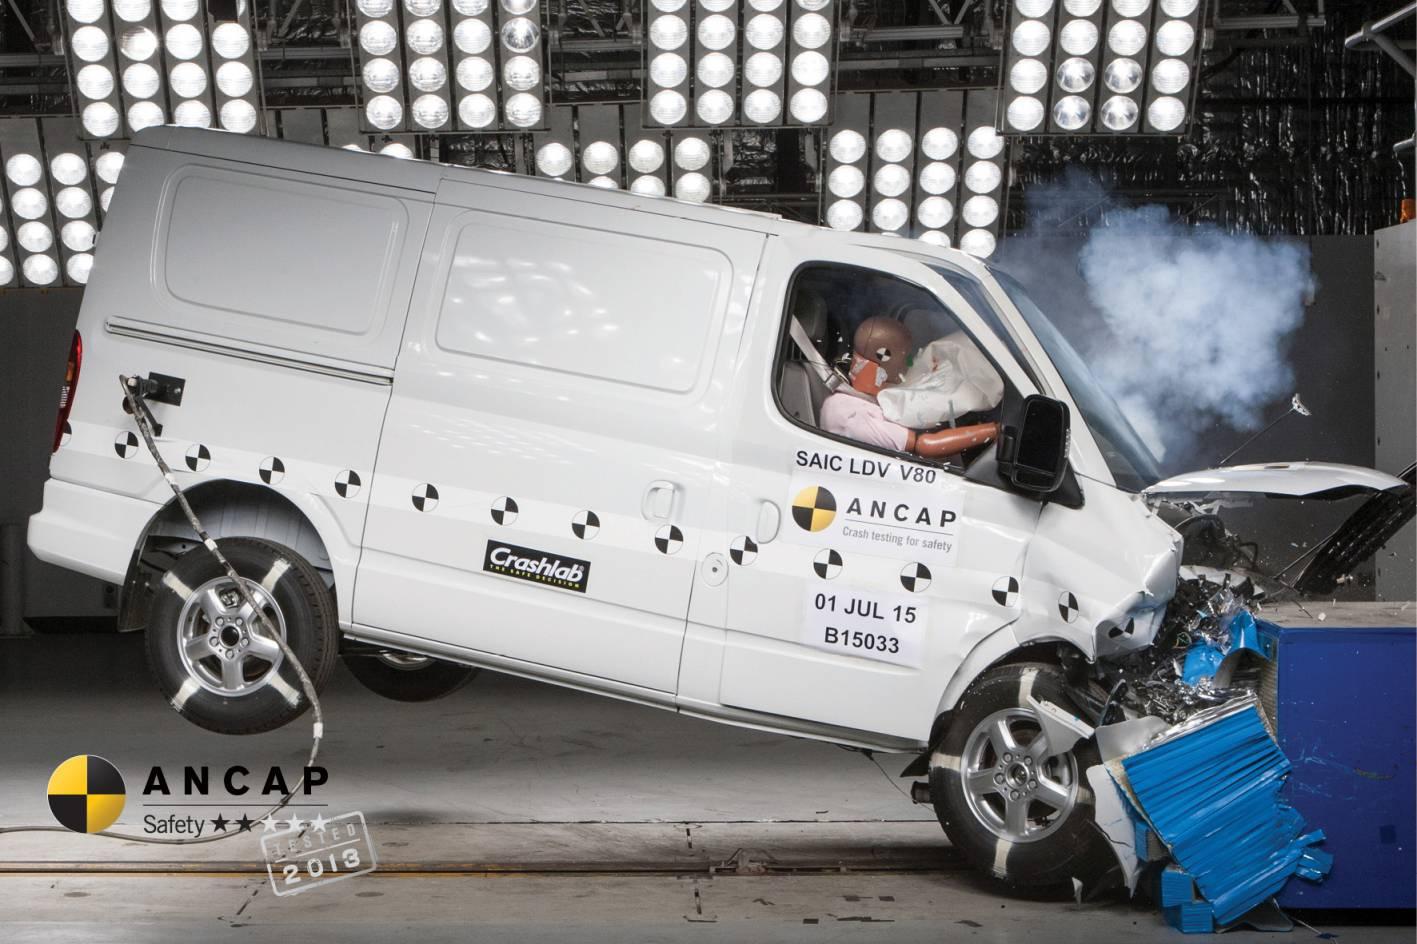 LDV V80 Scores 2 Stars In ANCAP Crash Testing